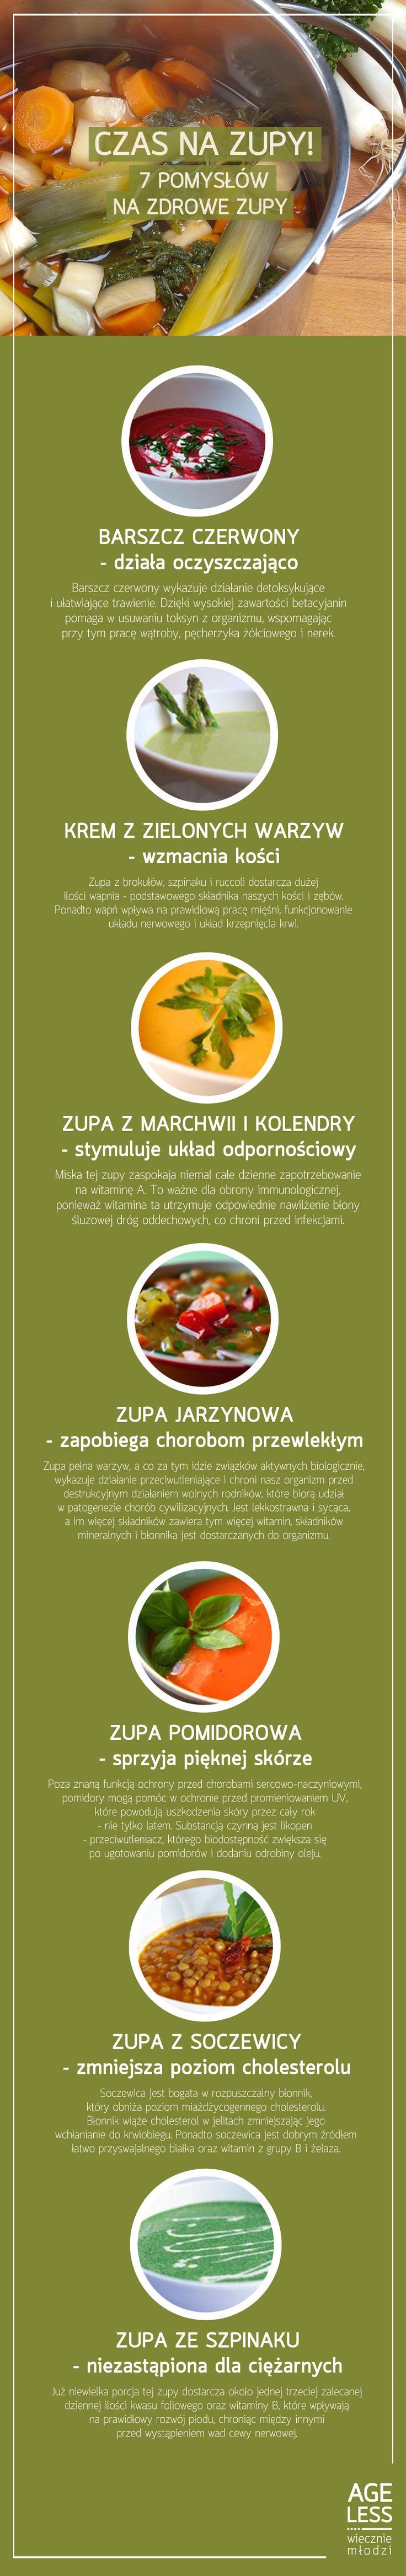 Czas na zupy!  Zupa, to jeden z najzdrowszych posiłków, jaki możemy sobie zafundowac.Pełna witamin i składników odżywczych, rozgrzewająca zupa, to idealny obiad w te jesienne dni. Odkryj 7 zup, na 7 dni tygodnia!  #ageless #wieczniemłodzi #zupa #zupy #warzywa #meatless